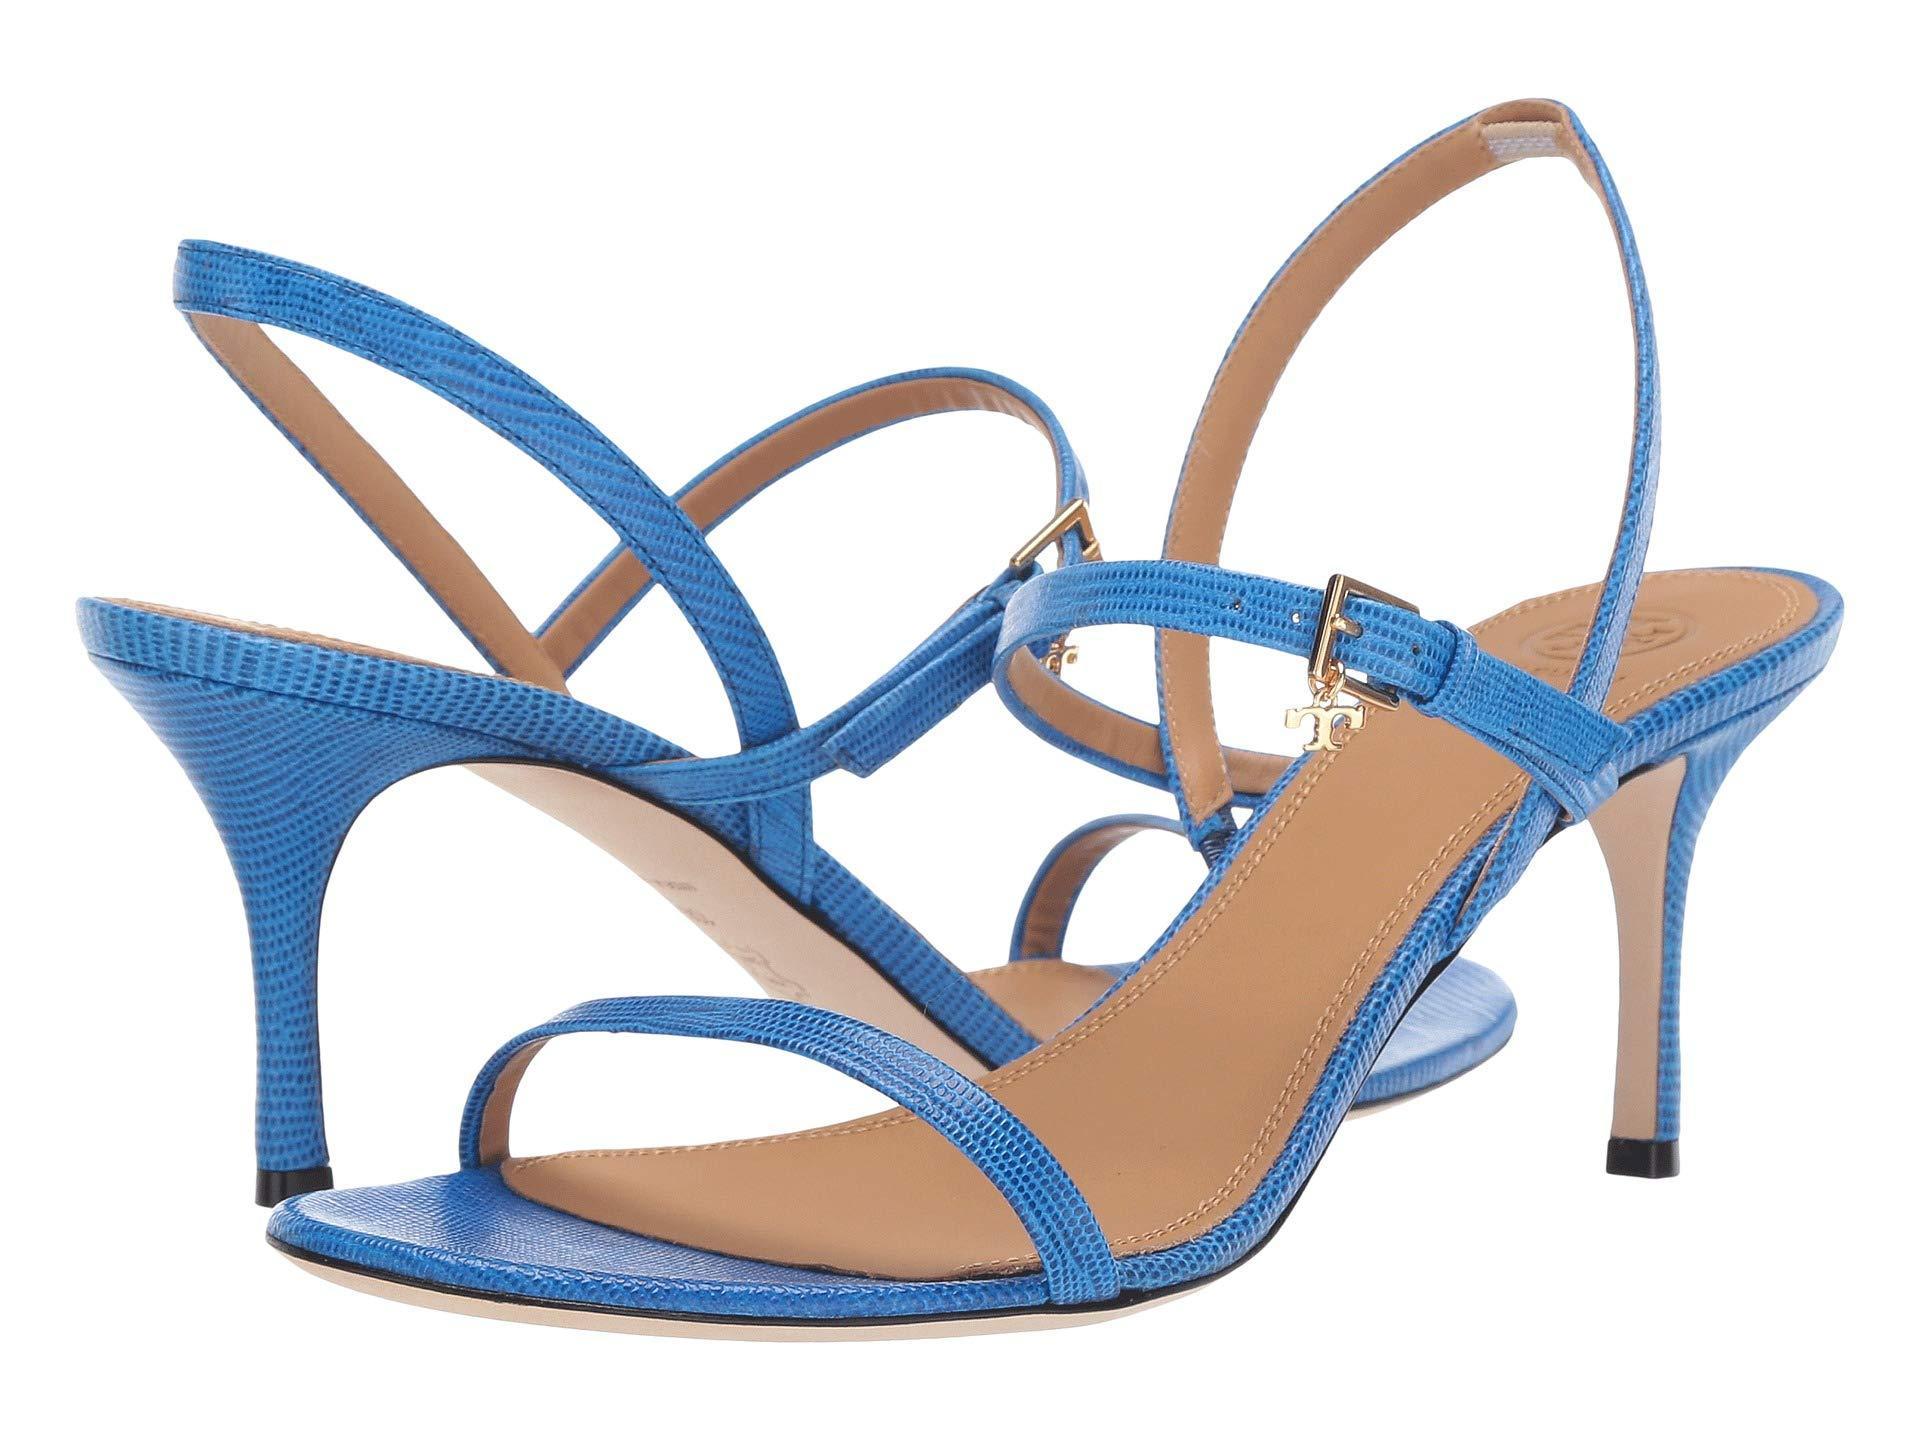 1cf38ec144f2 Lyst - Tory Burch Penelope Slingback Sandal in Blue